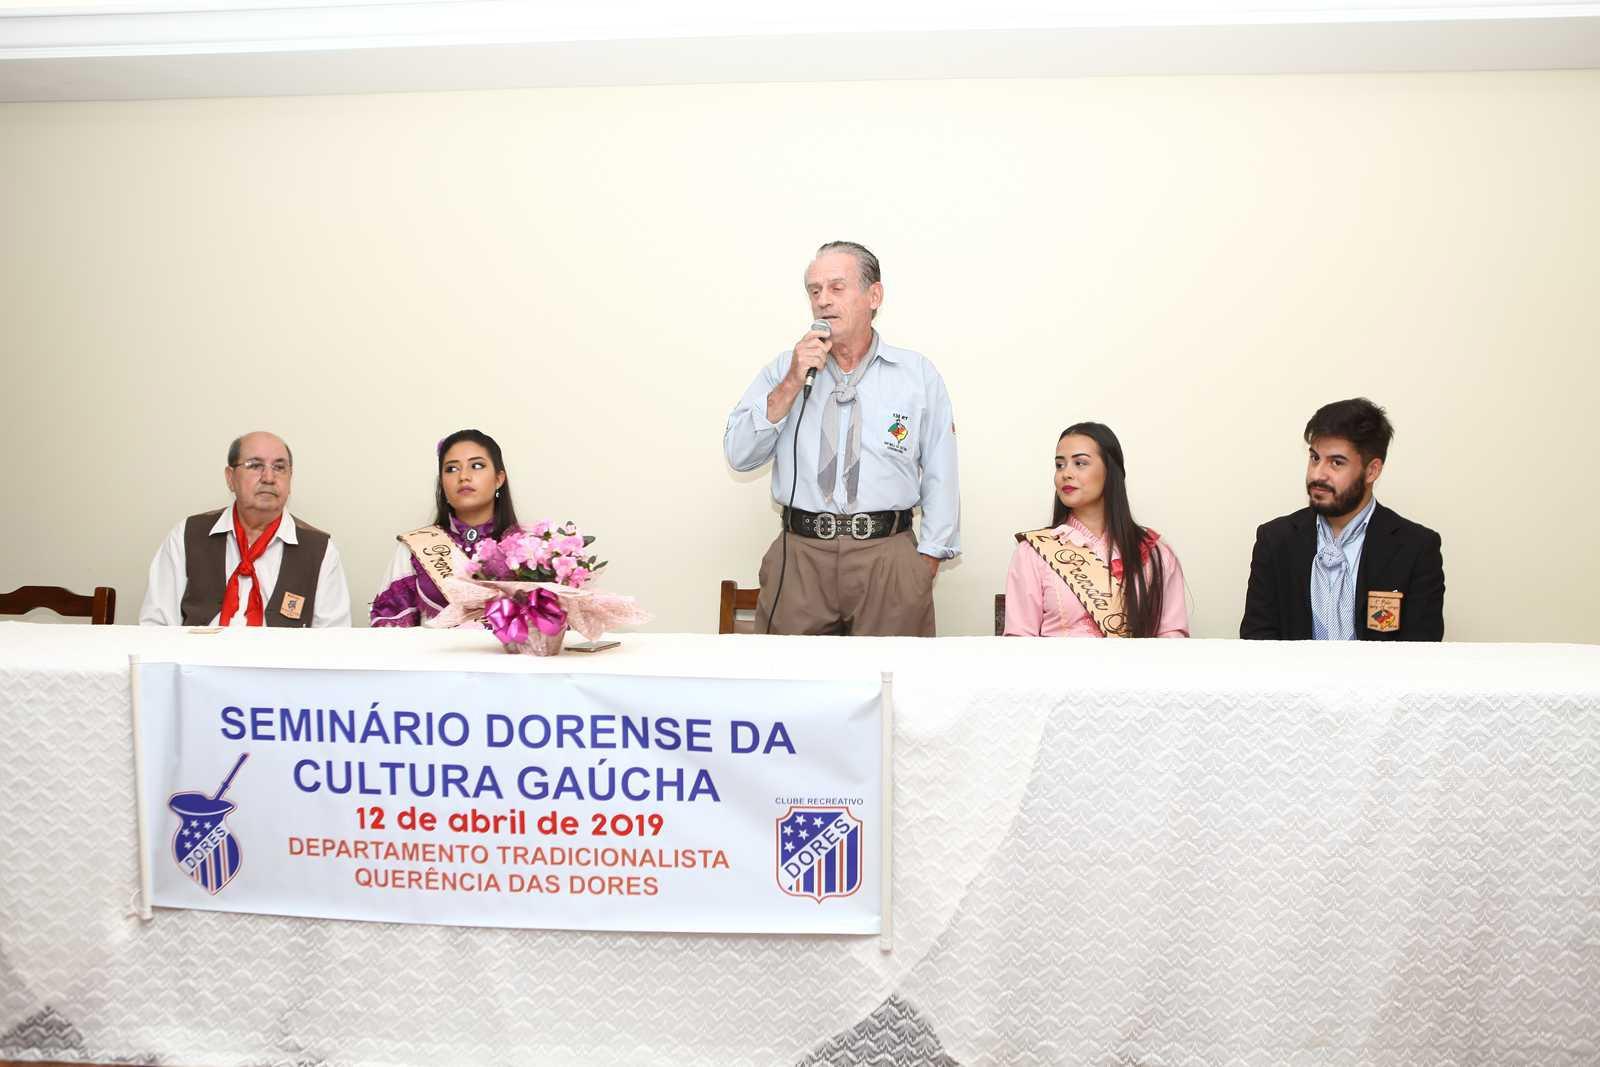 Seminário Dorense da Cultura Gaúcha